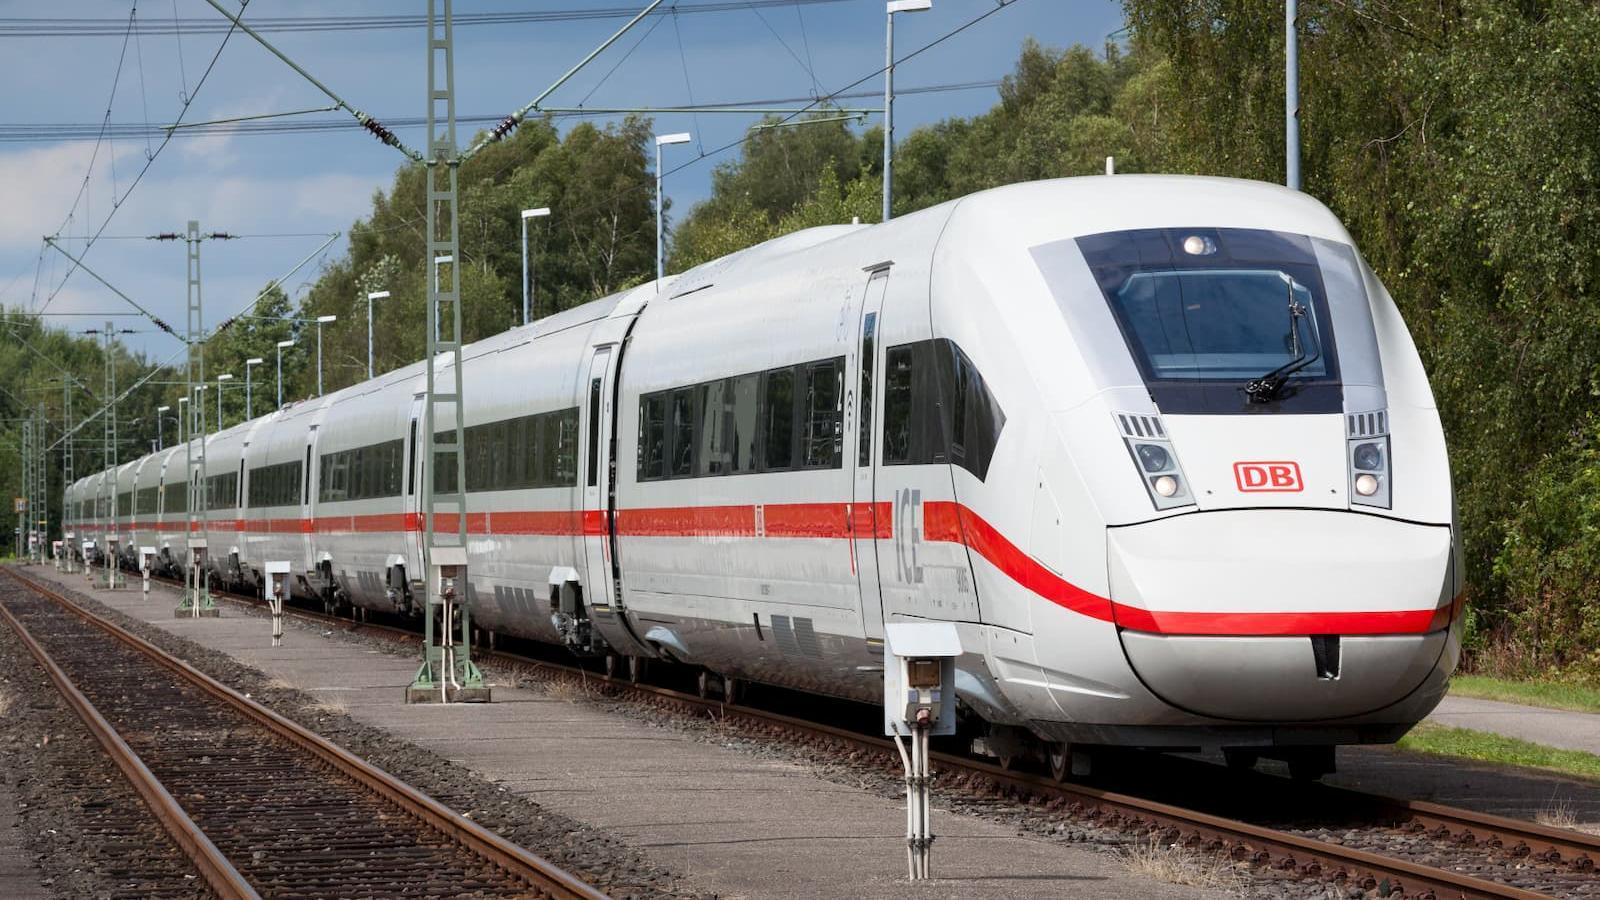 Qatar Airways announces codeshare partnership with Deutsche Bahn